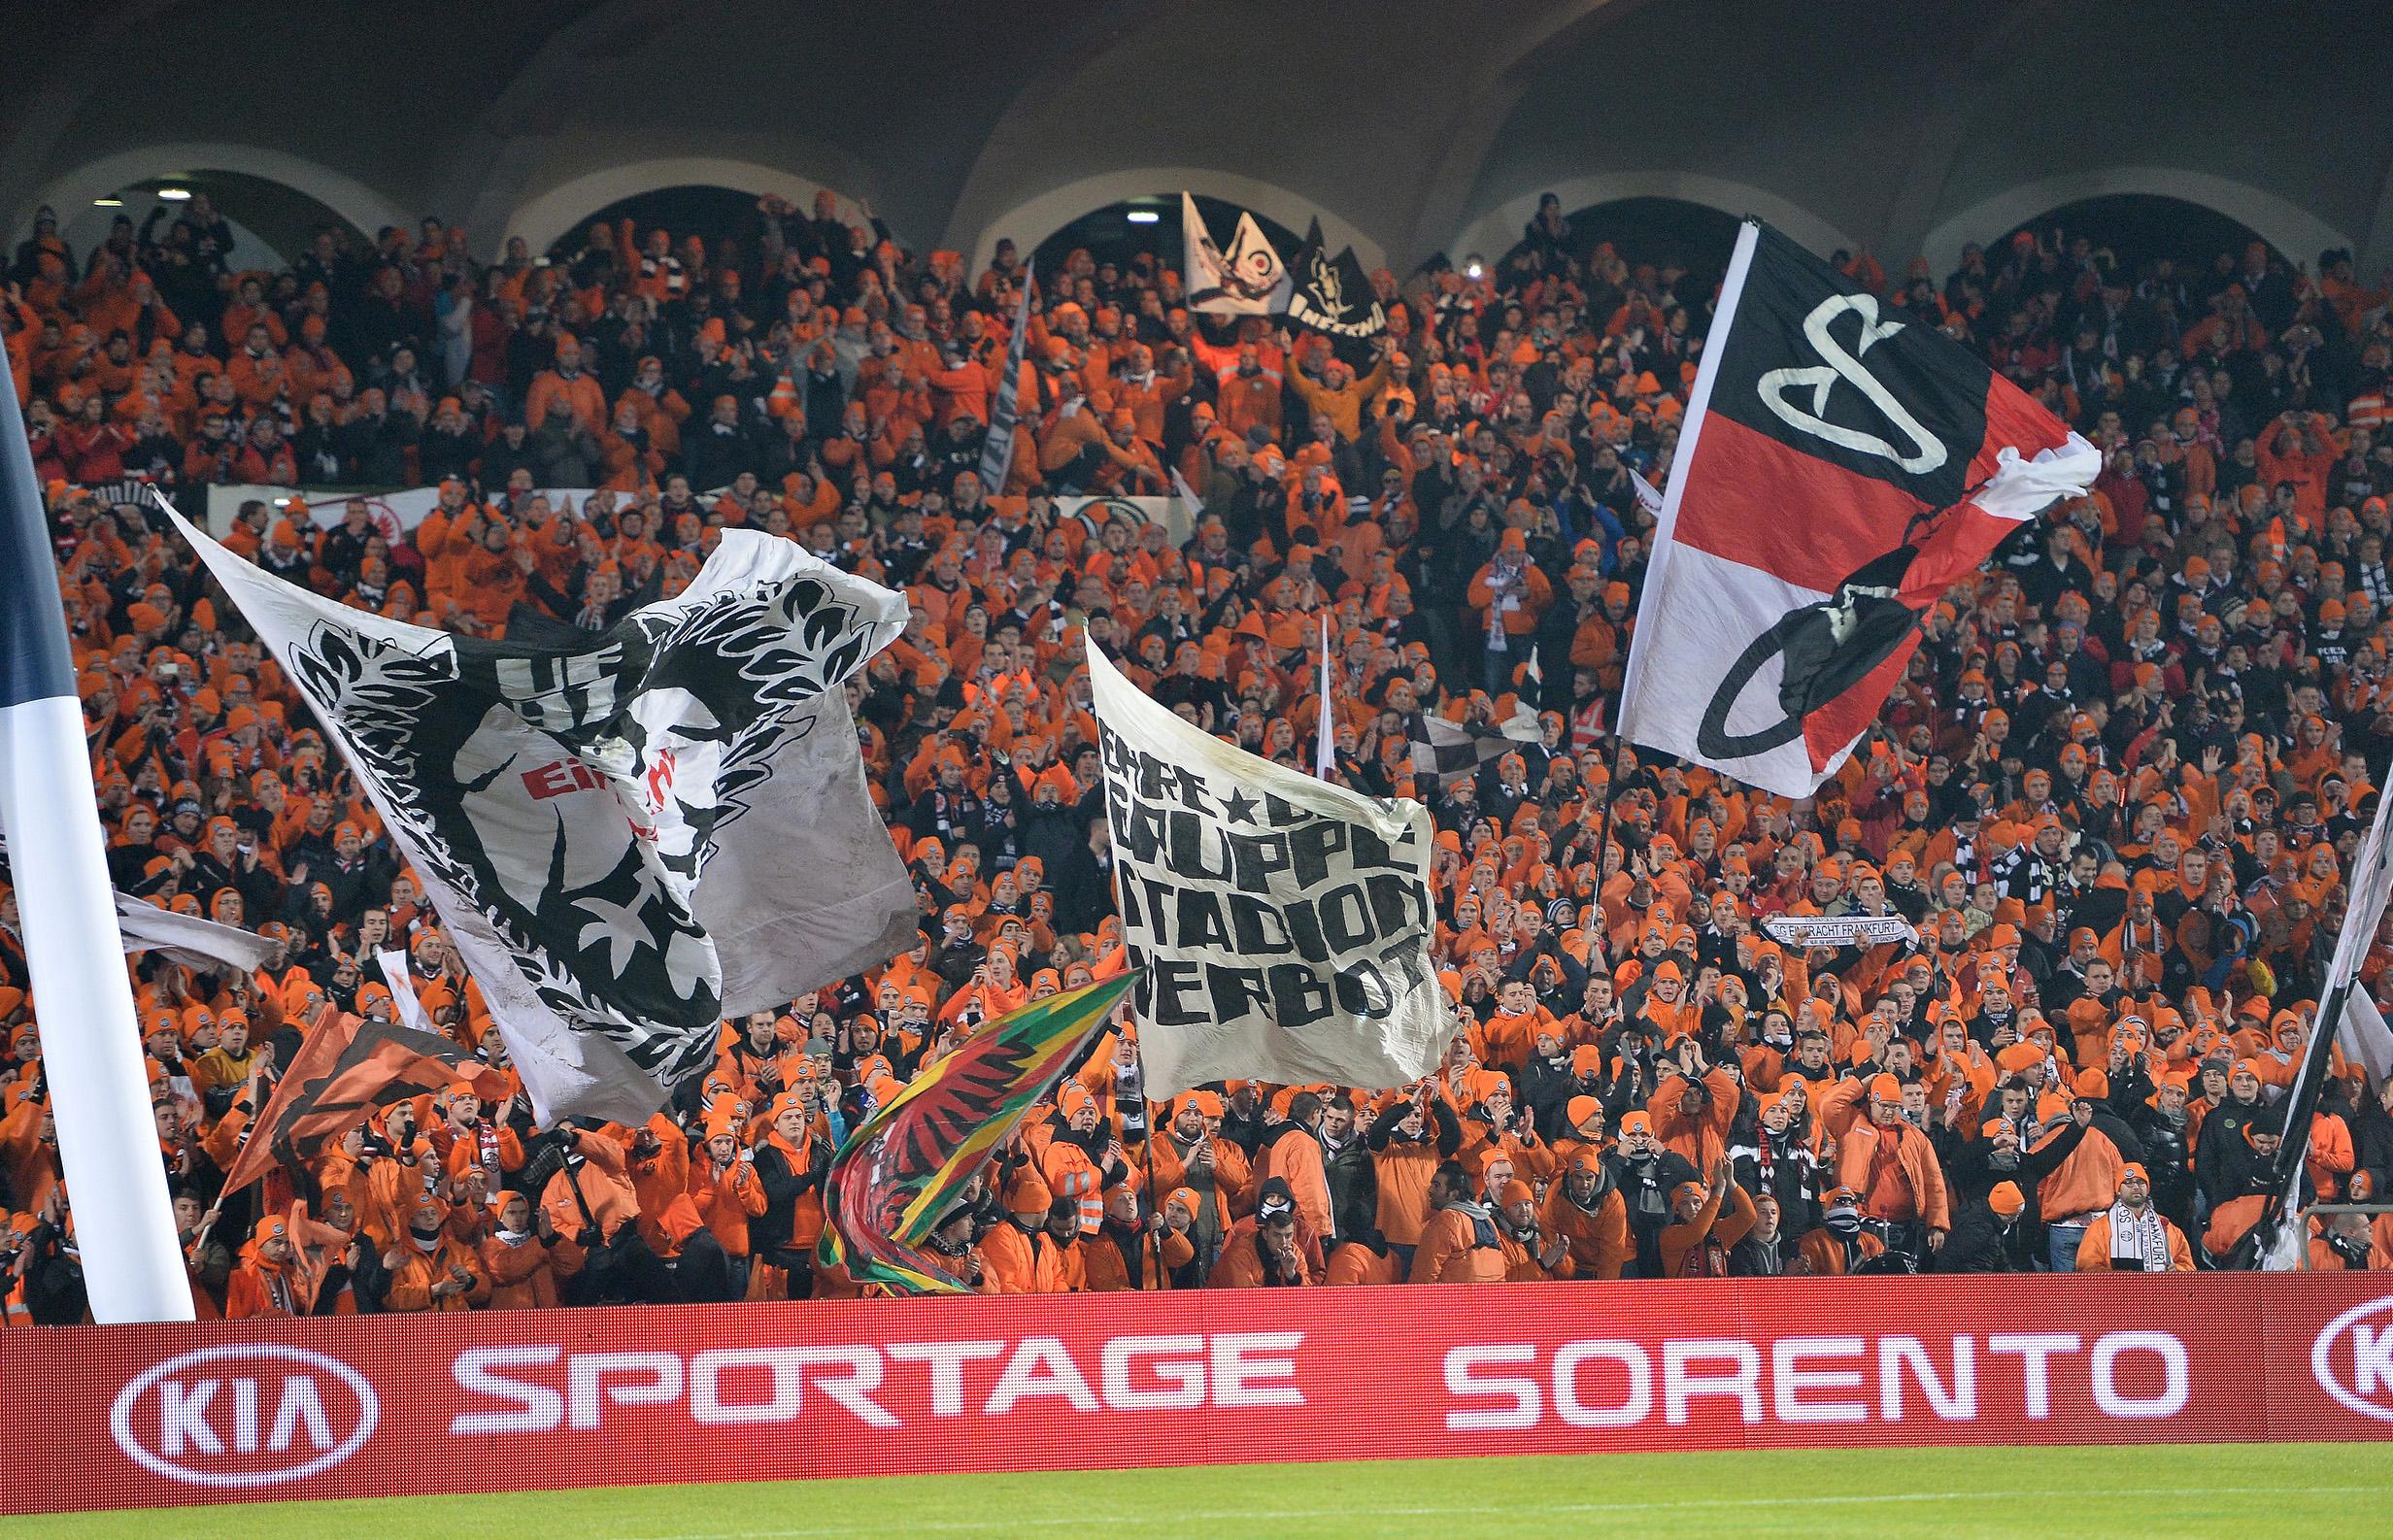 Europacup in diesem Jahr? Der Eintracht könnte womöglich doch ein Sieg im Halbfinale für den großen Traum reichen.